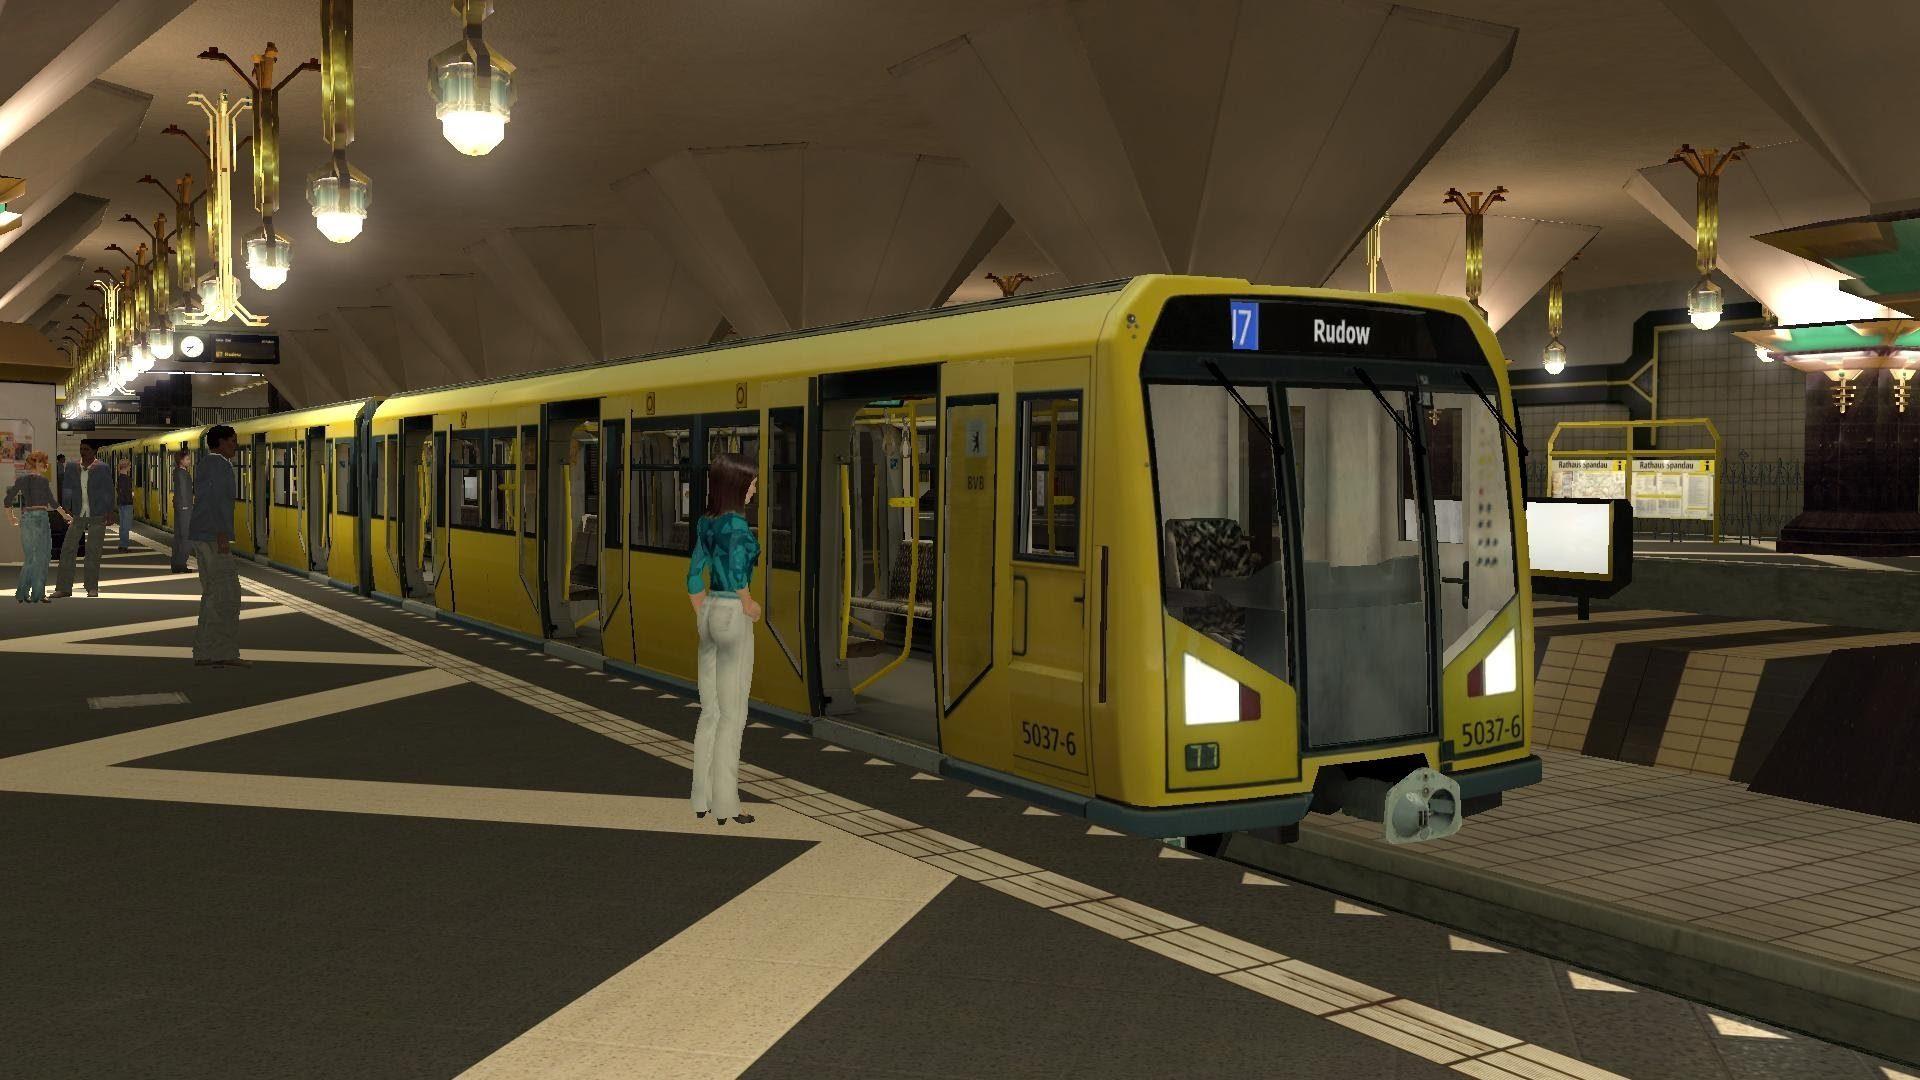 What are the best underground train simulators? - Quora